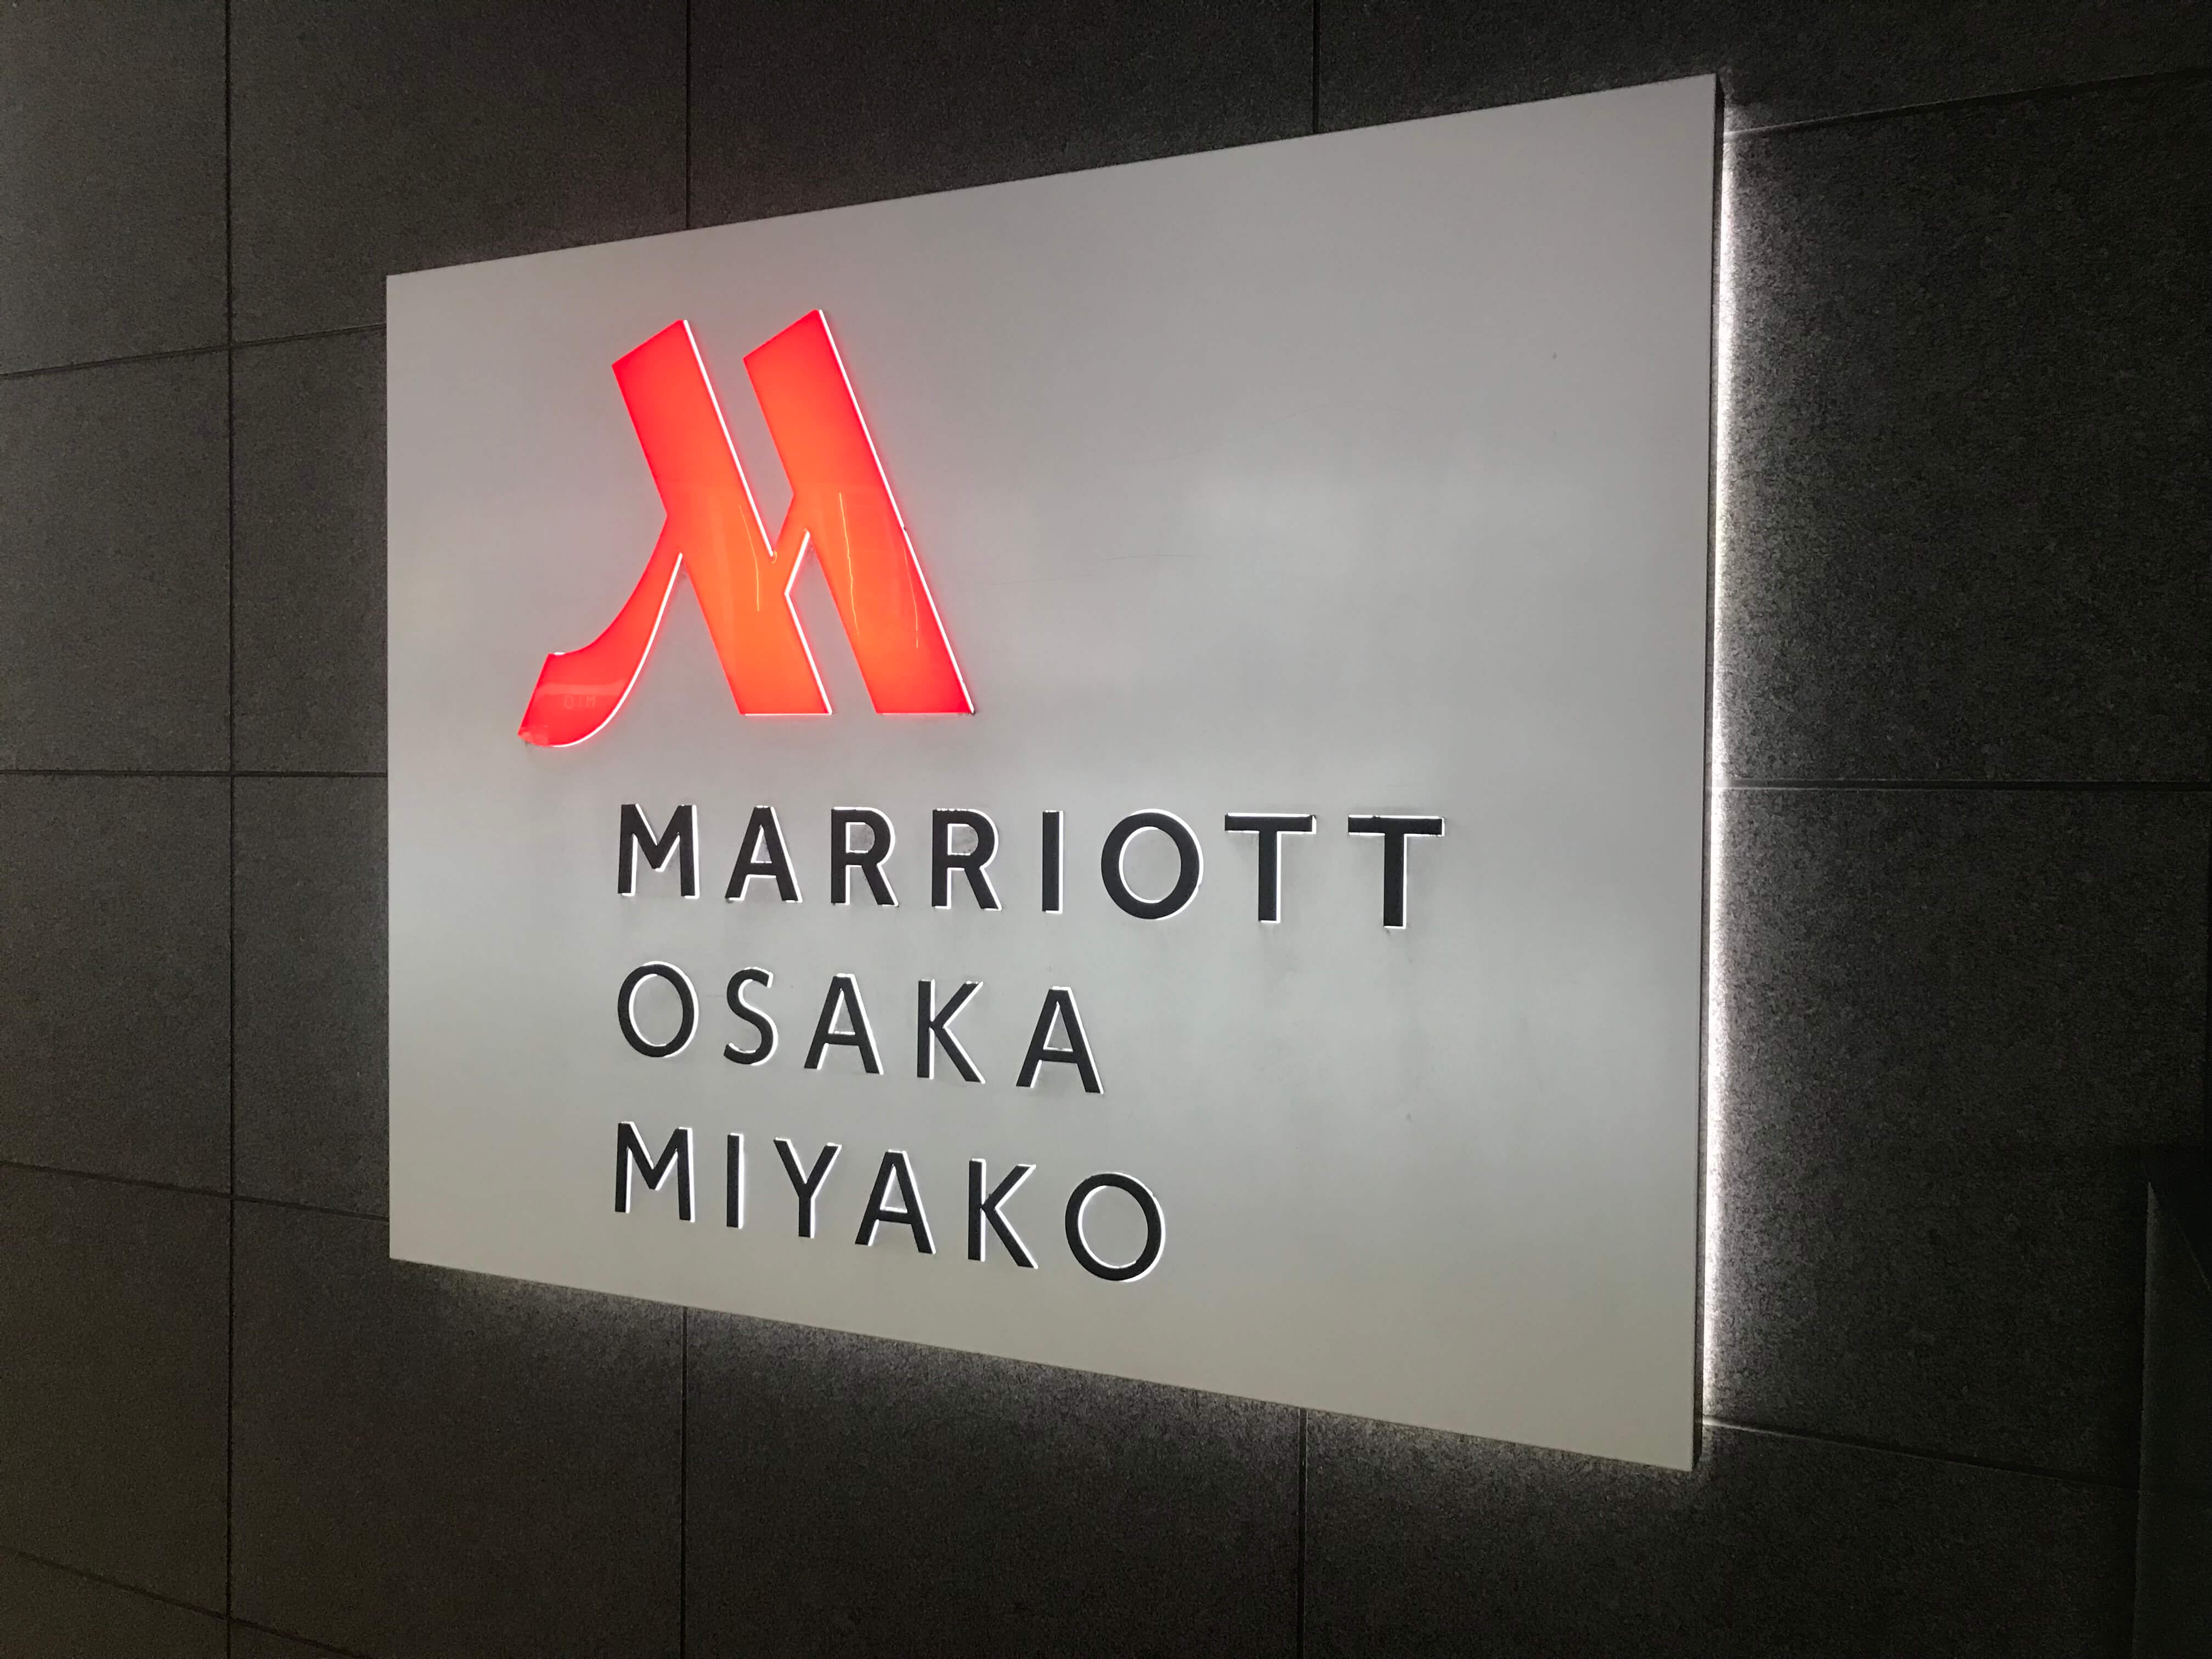 大阪マリオット都ホテル。アイキャッチ画像